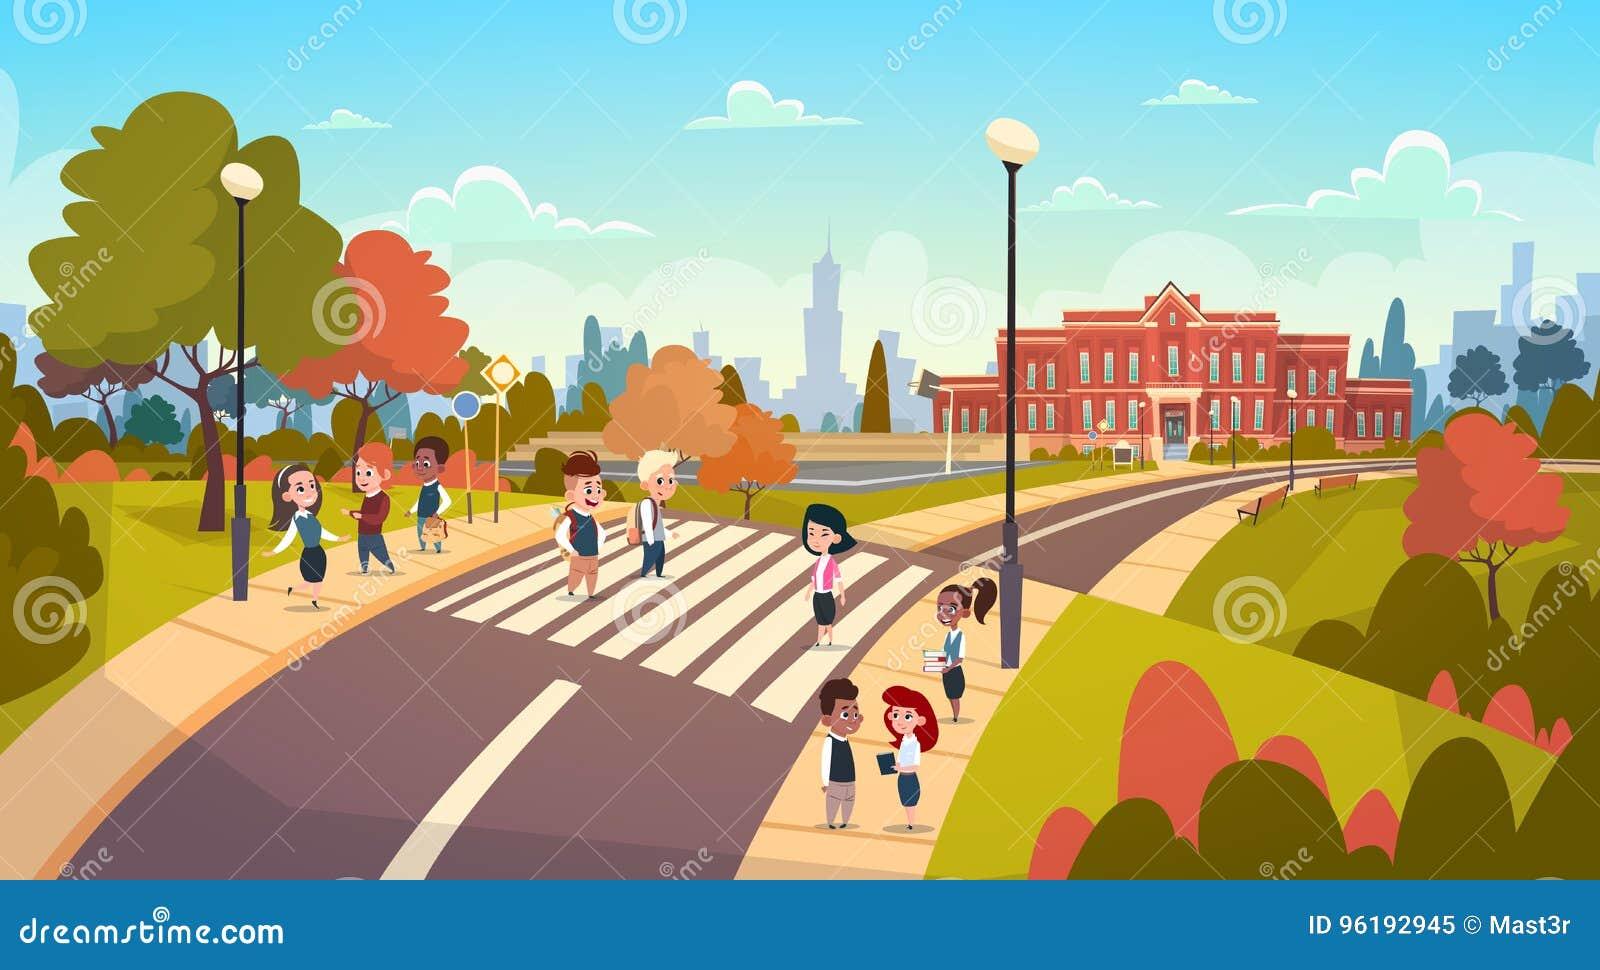 Grupa ucznie Chodzi Na Crosswalk mieszanki rasy uczniach Iść Szkolny skrzyżowanie ulicy